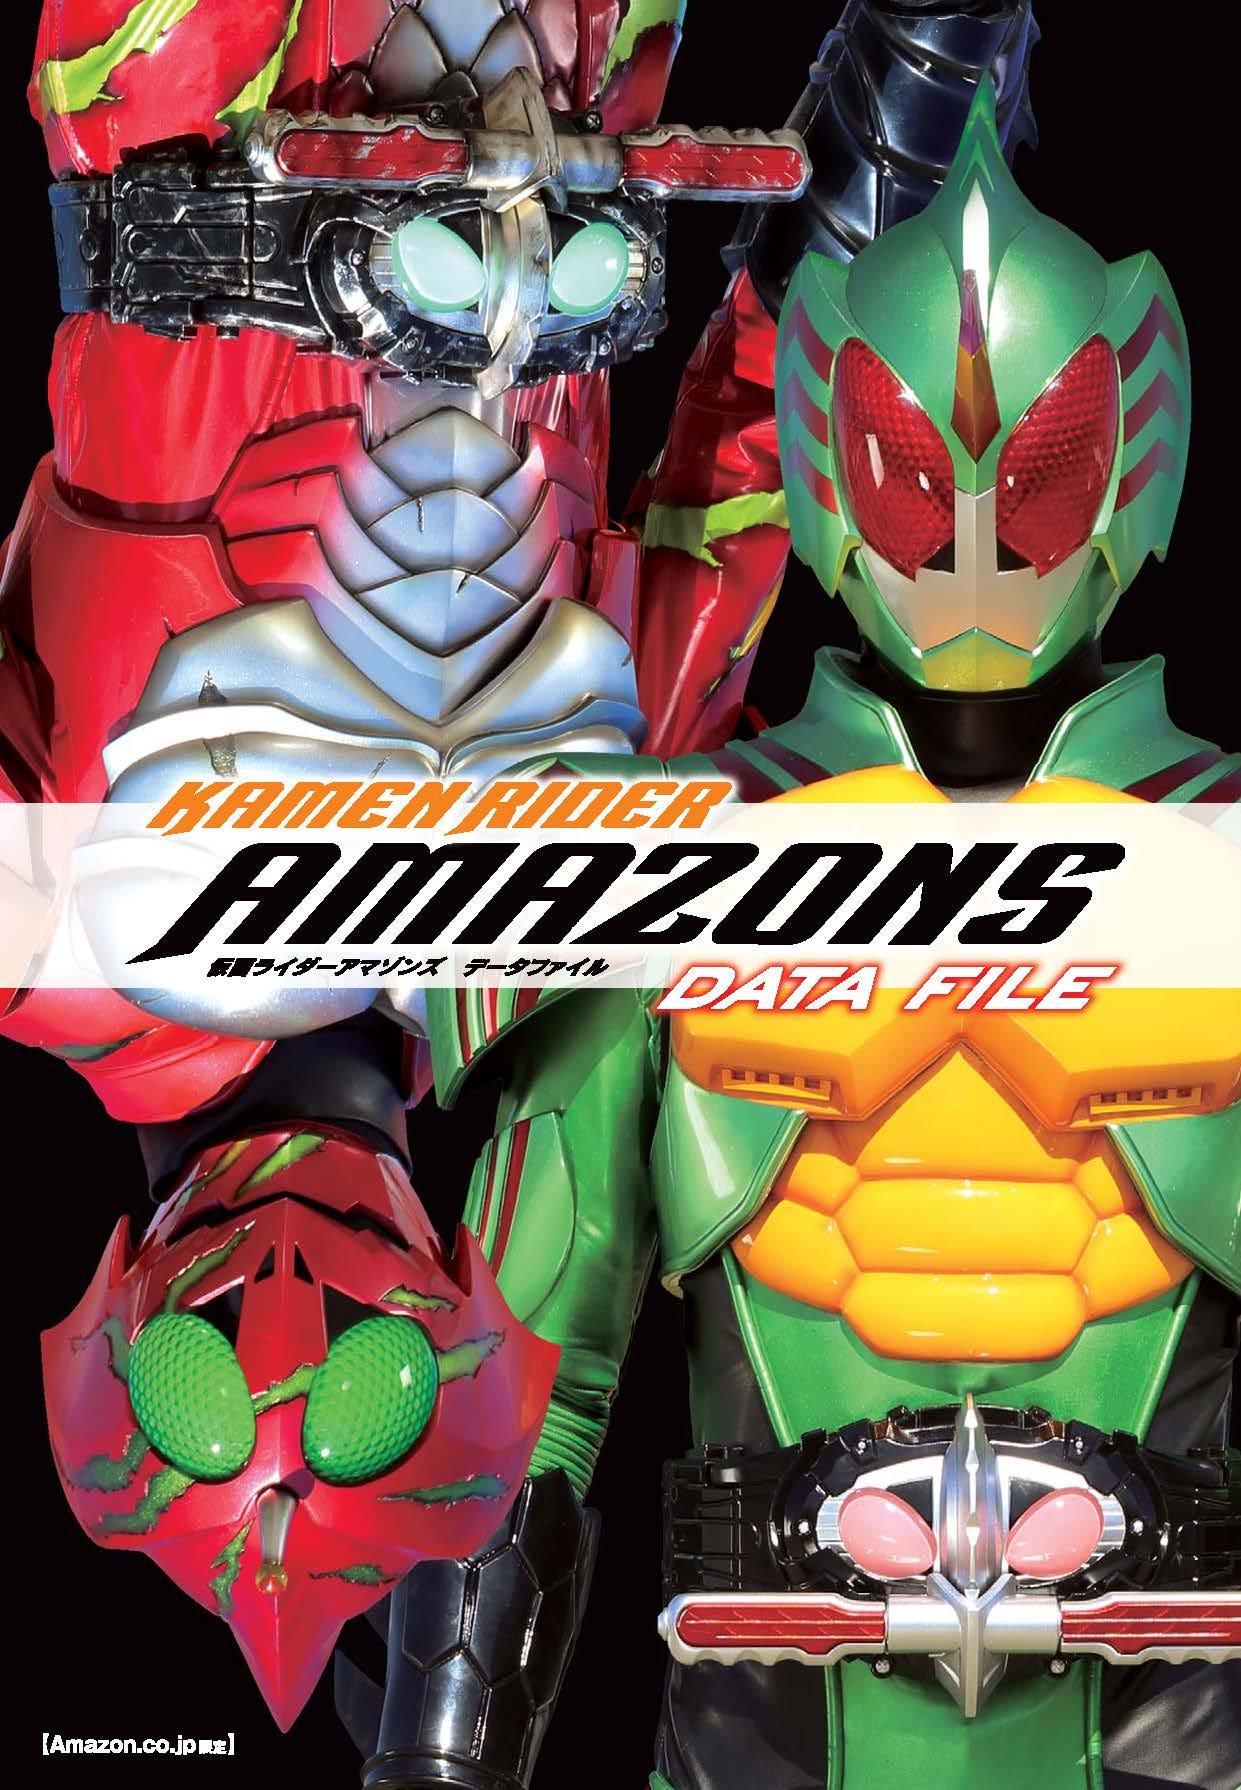 無料動画, 仮面ライダーアマゾンズ 「仮面ライダーアマゾンズ」 1話・2話無料動画、プライムオリジナル版が開放中!